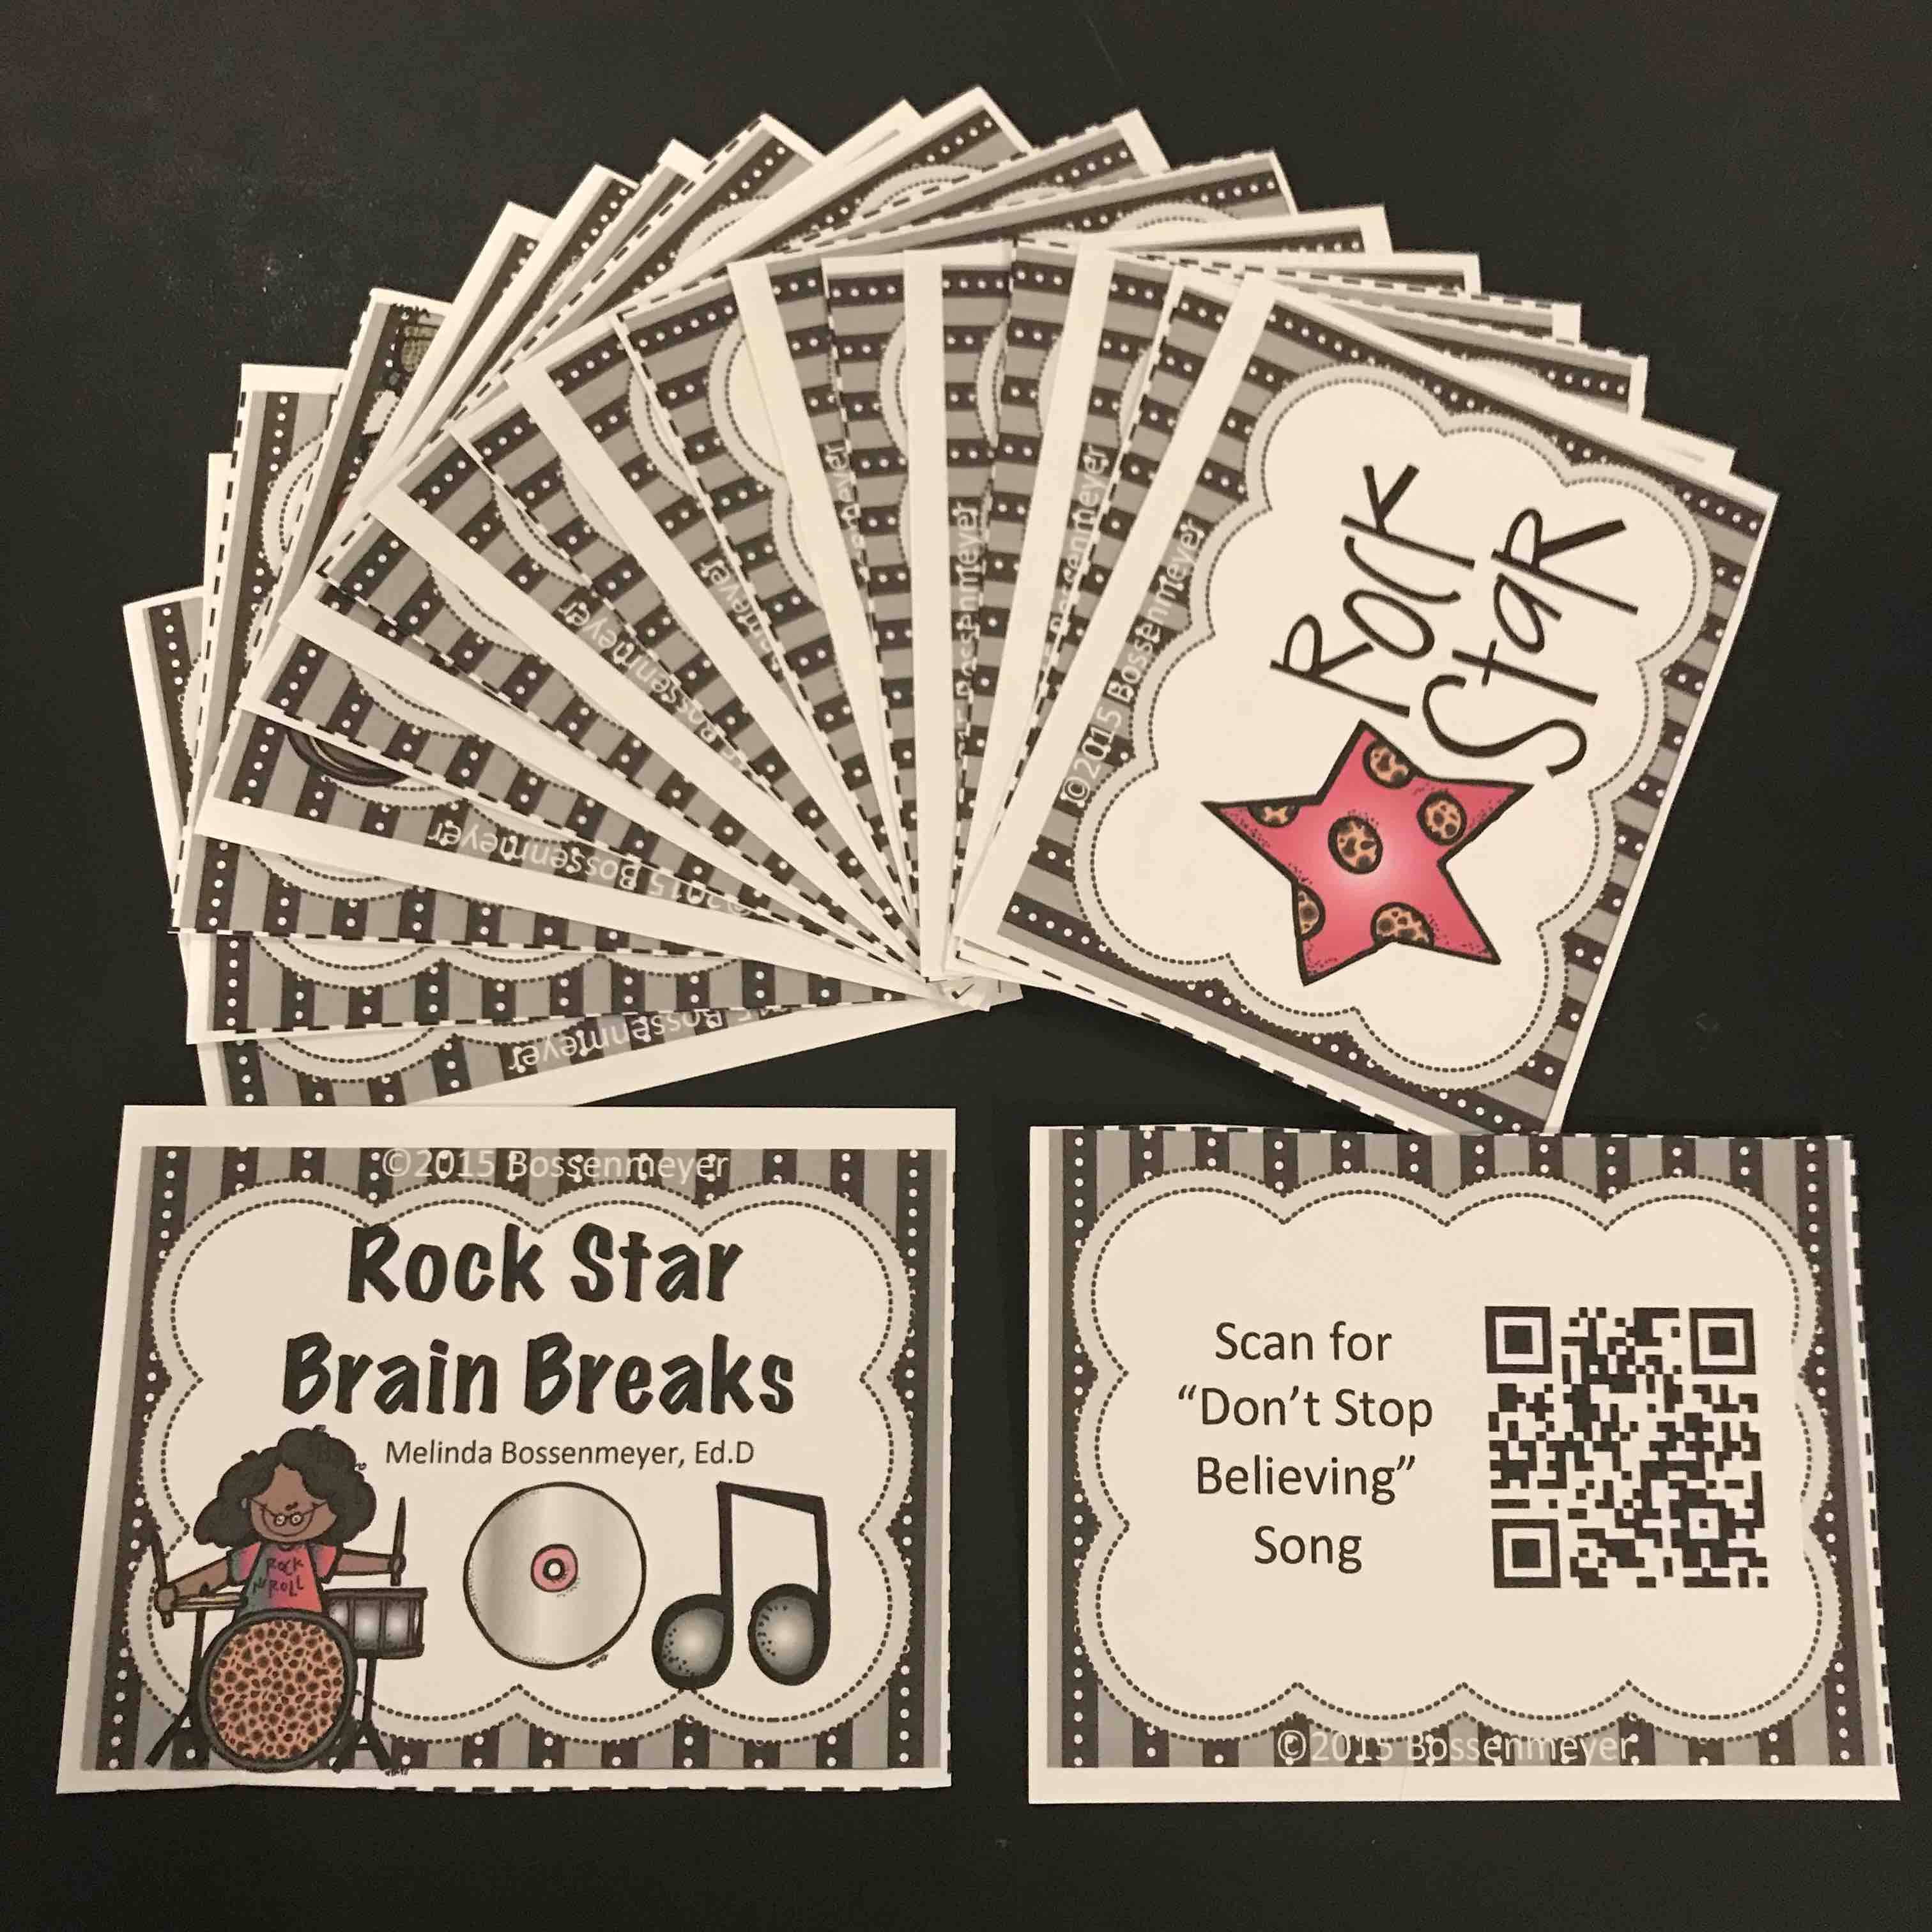 Rock Star Brain Breaks pix